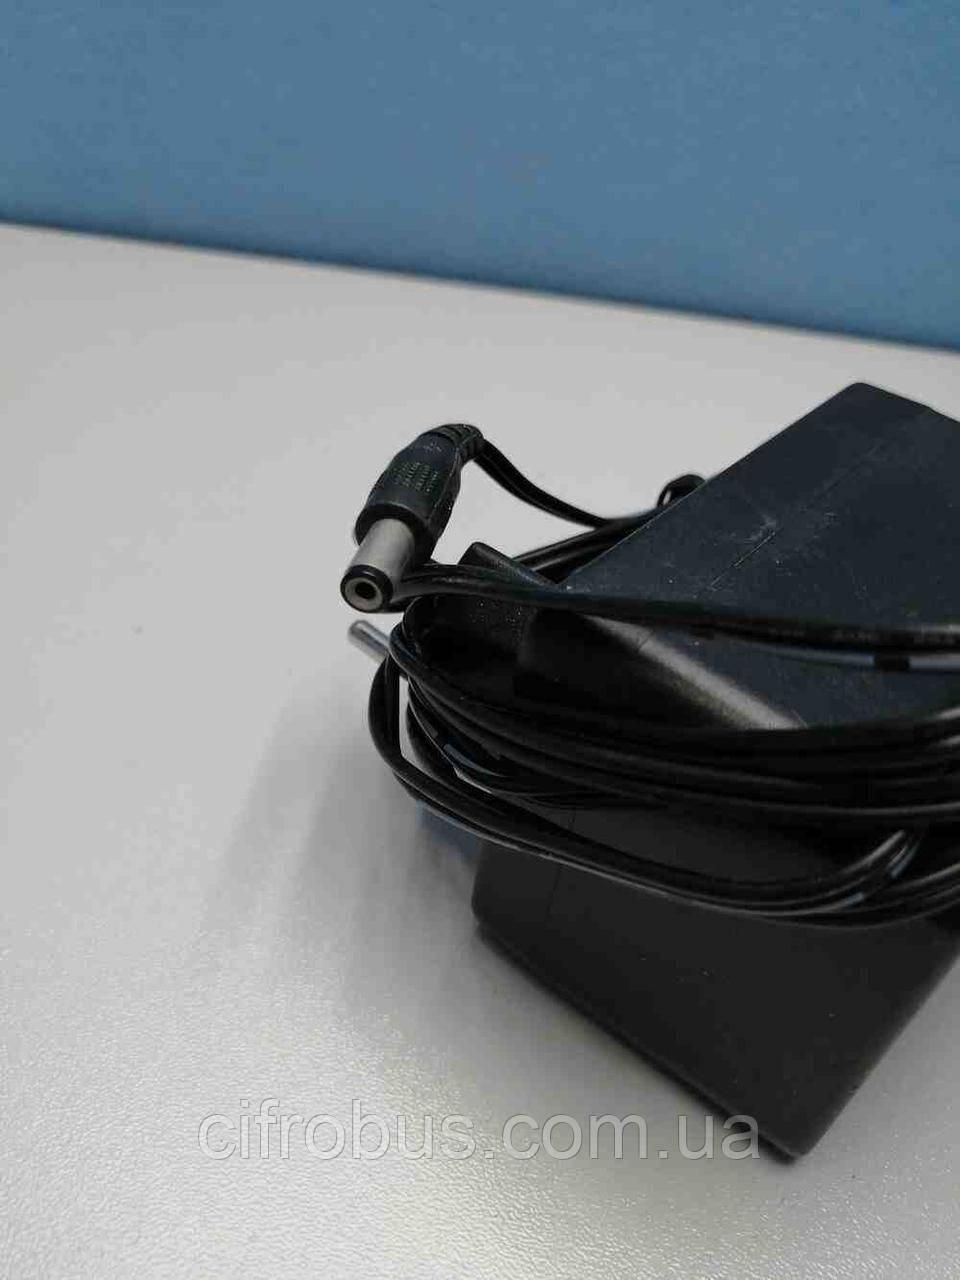 Блоки питания для бытовой техники Б/У Блок питания 7,5V 1A